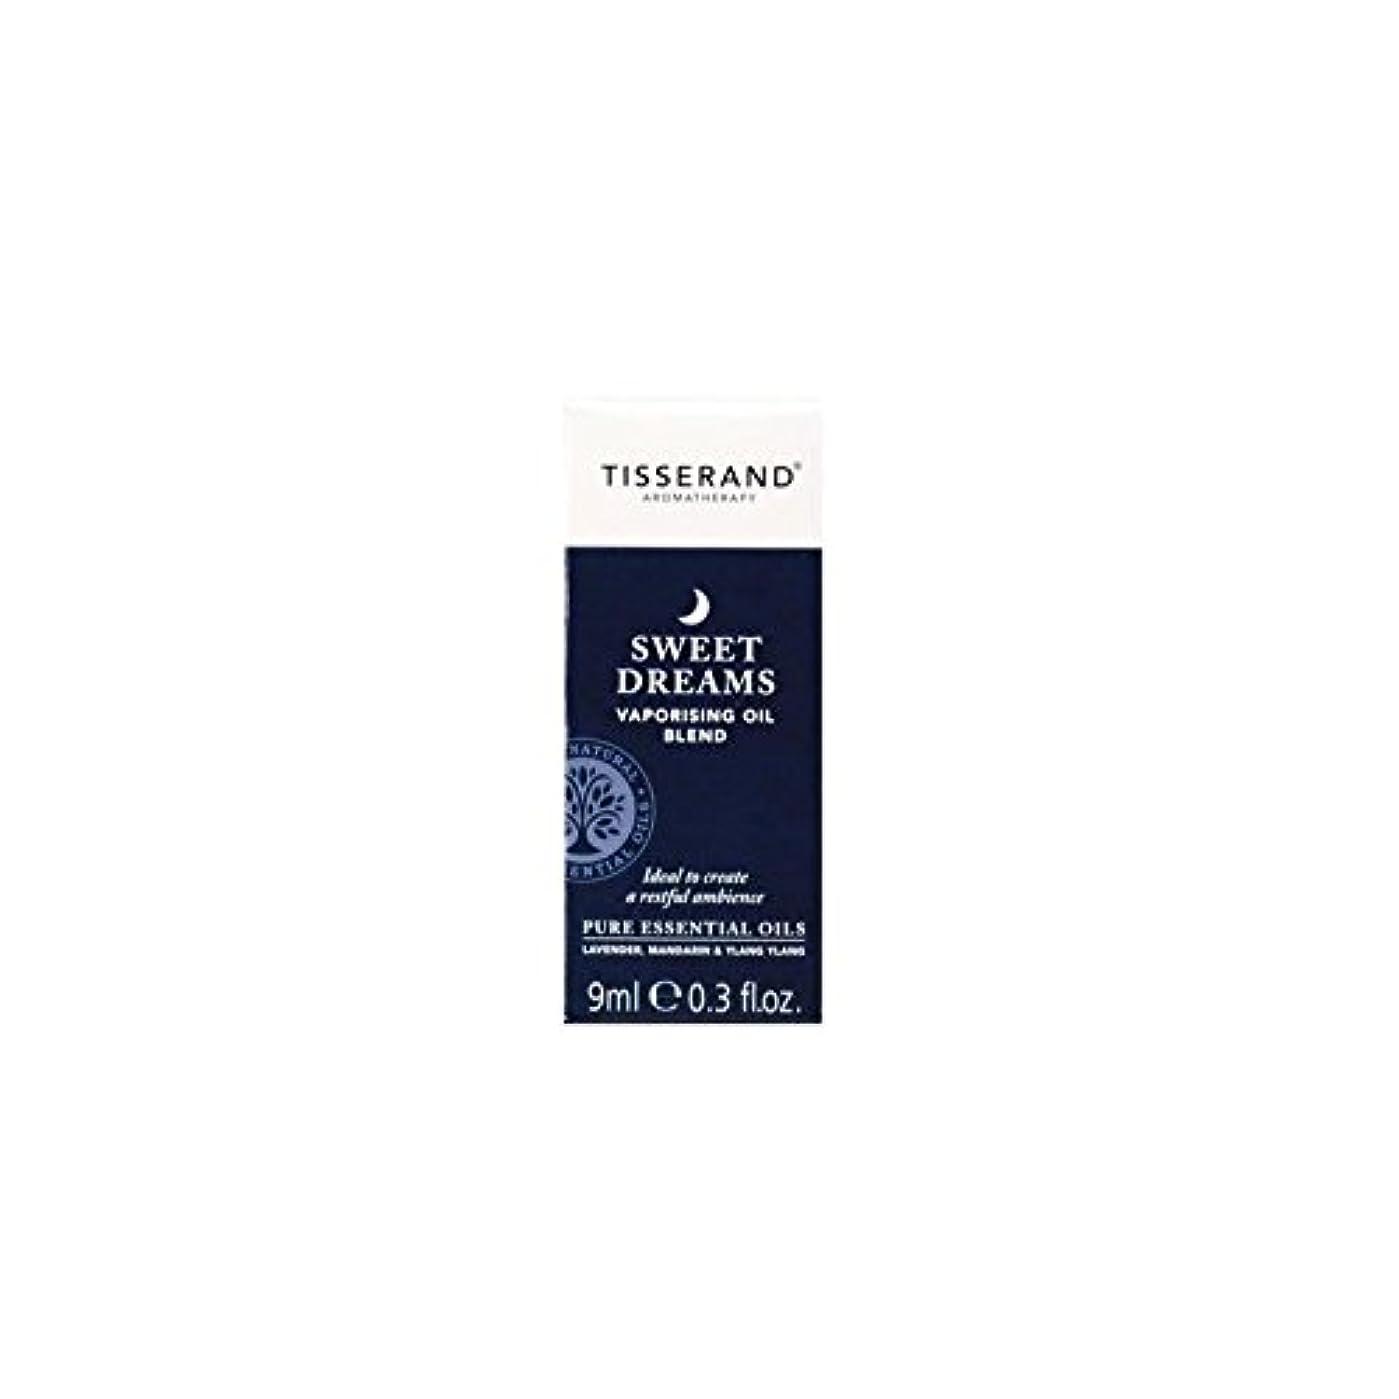 キャプチャーアレイ意図オイル9ミリリットルを気化甘い夢 (Tisserand) (x 6) - Tisserand Sweet Dreams Vaporising Oil 9ml (Pack of 6) [並行輸入品]